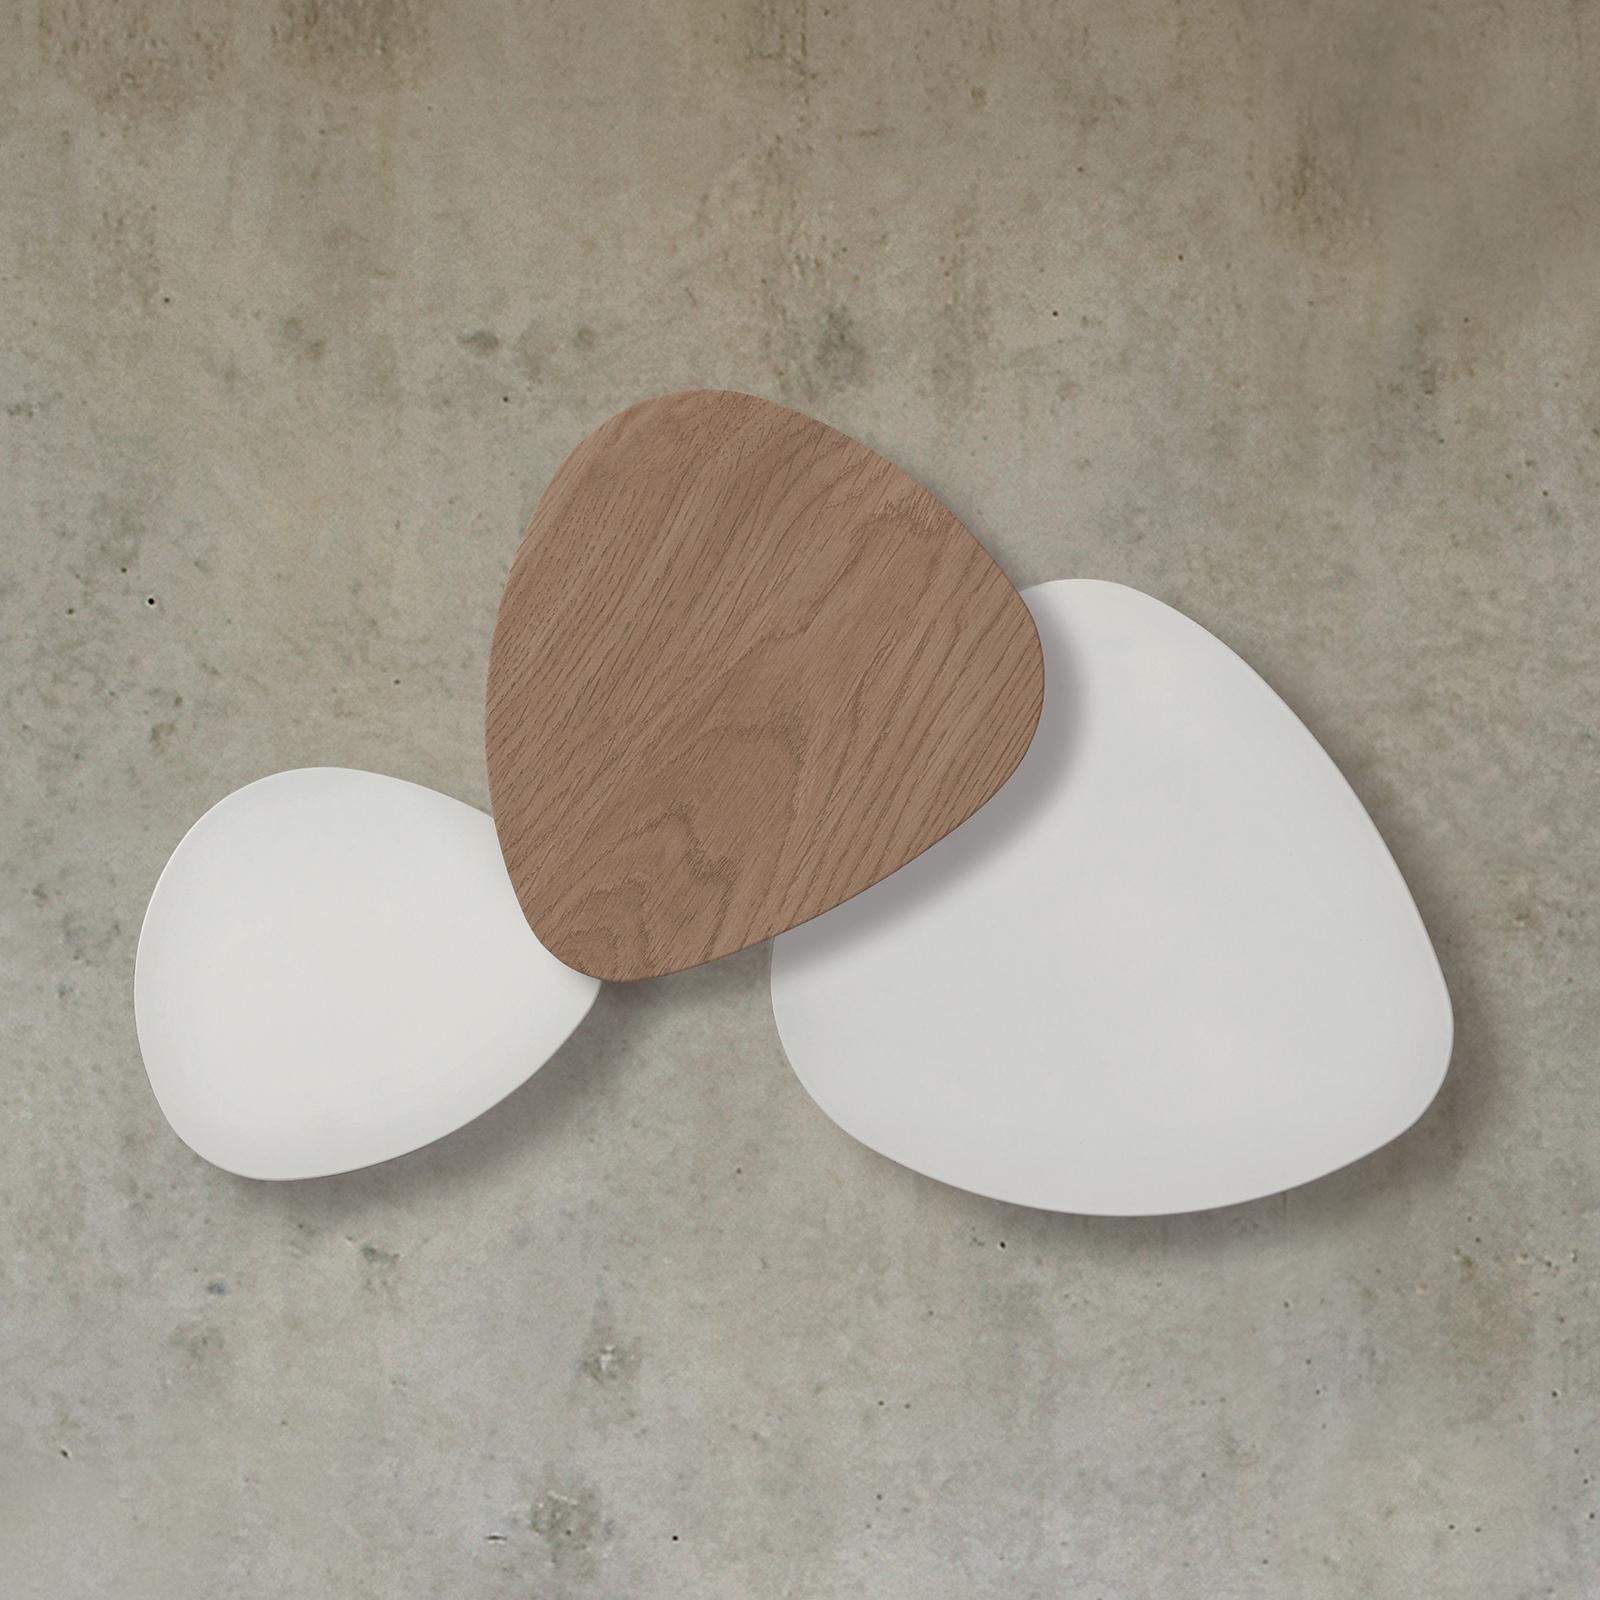 Bover Tria Set 3 LED-Wandleuchte, weiß-eiche-weiß